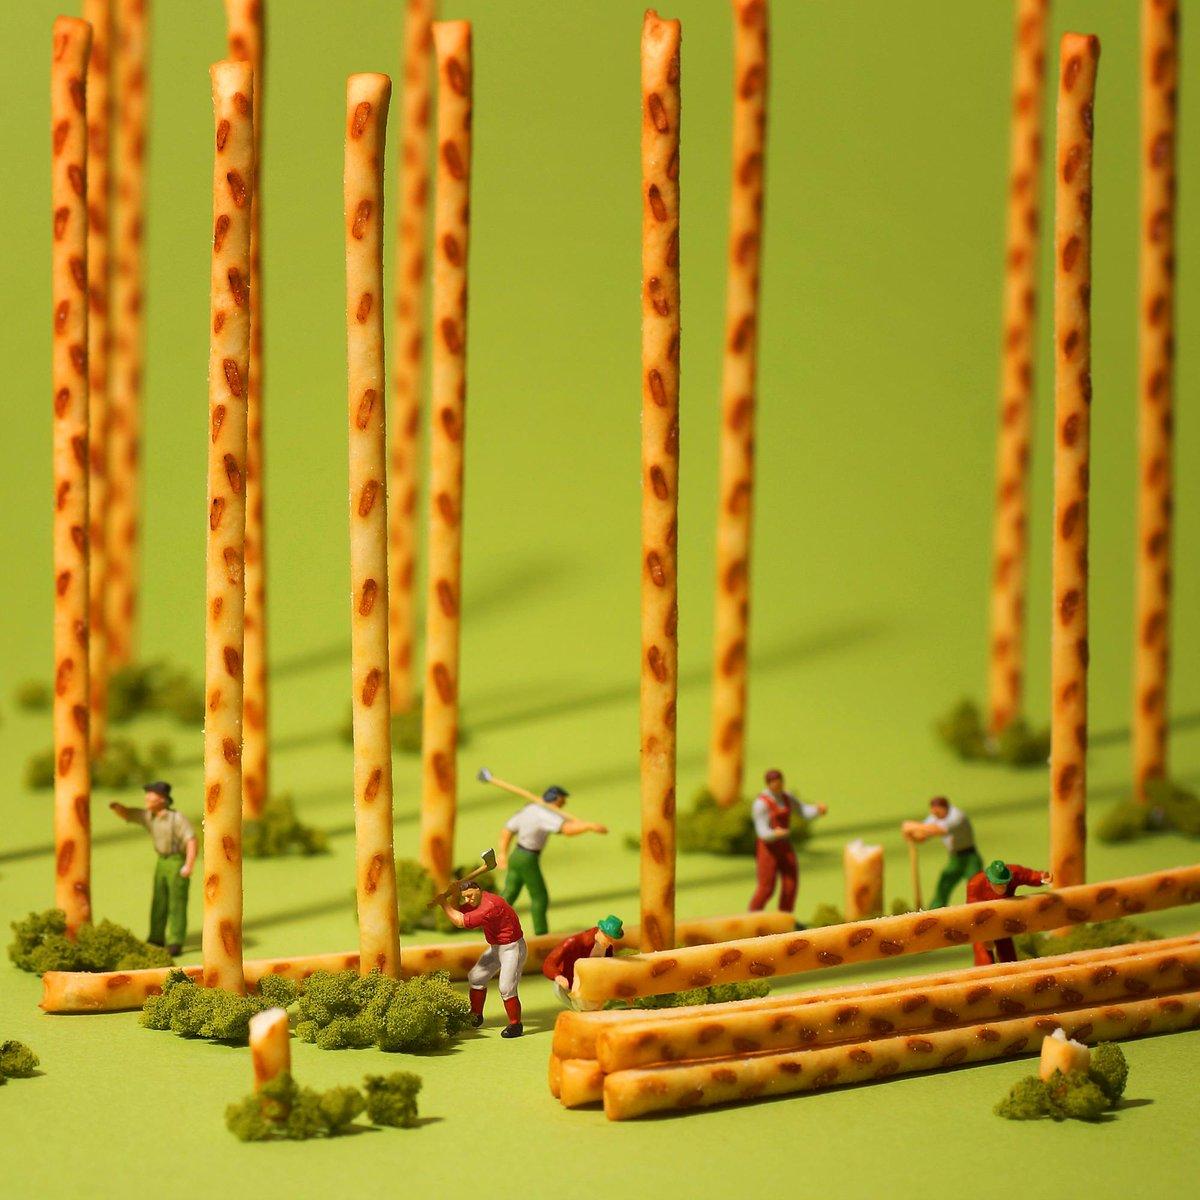 『大きく成長したプリッツ 収穫のとき』MINIATURE CALENDARの田中達也さん(@tanaka_tatsuya)にプリッツをテーマに作品を作っていただきました! #ポッキー1111 #ポッキープリッツの日 pic.twitter.com/qFrWhheD5k